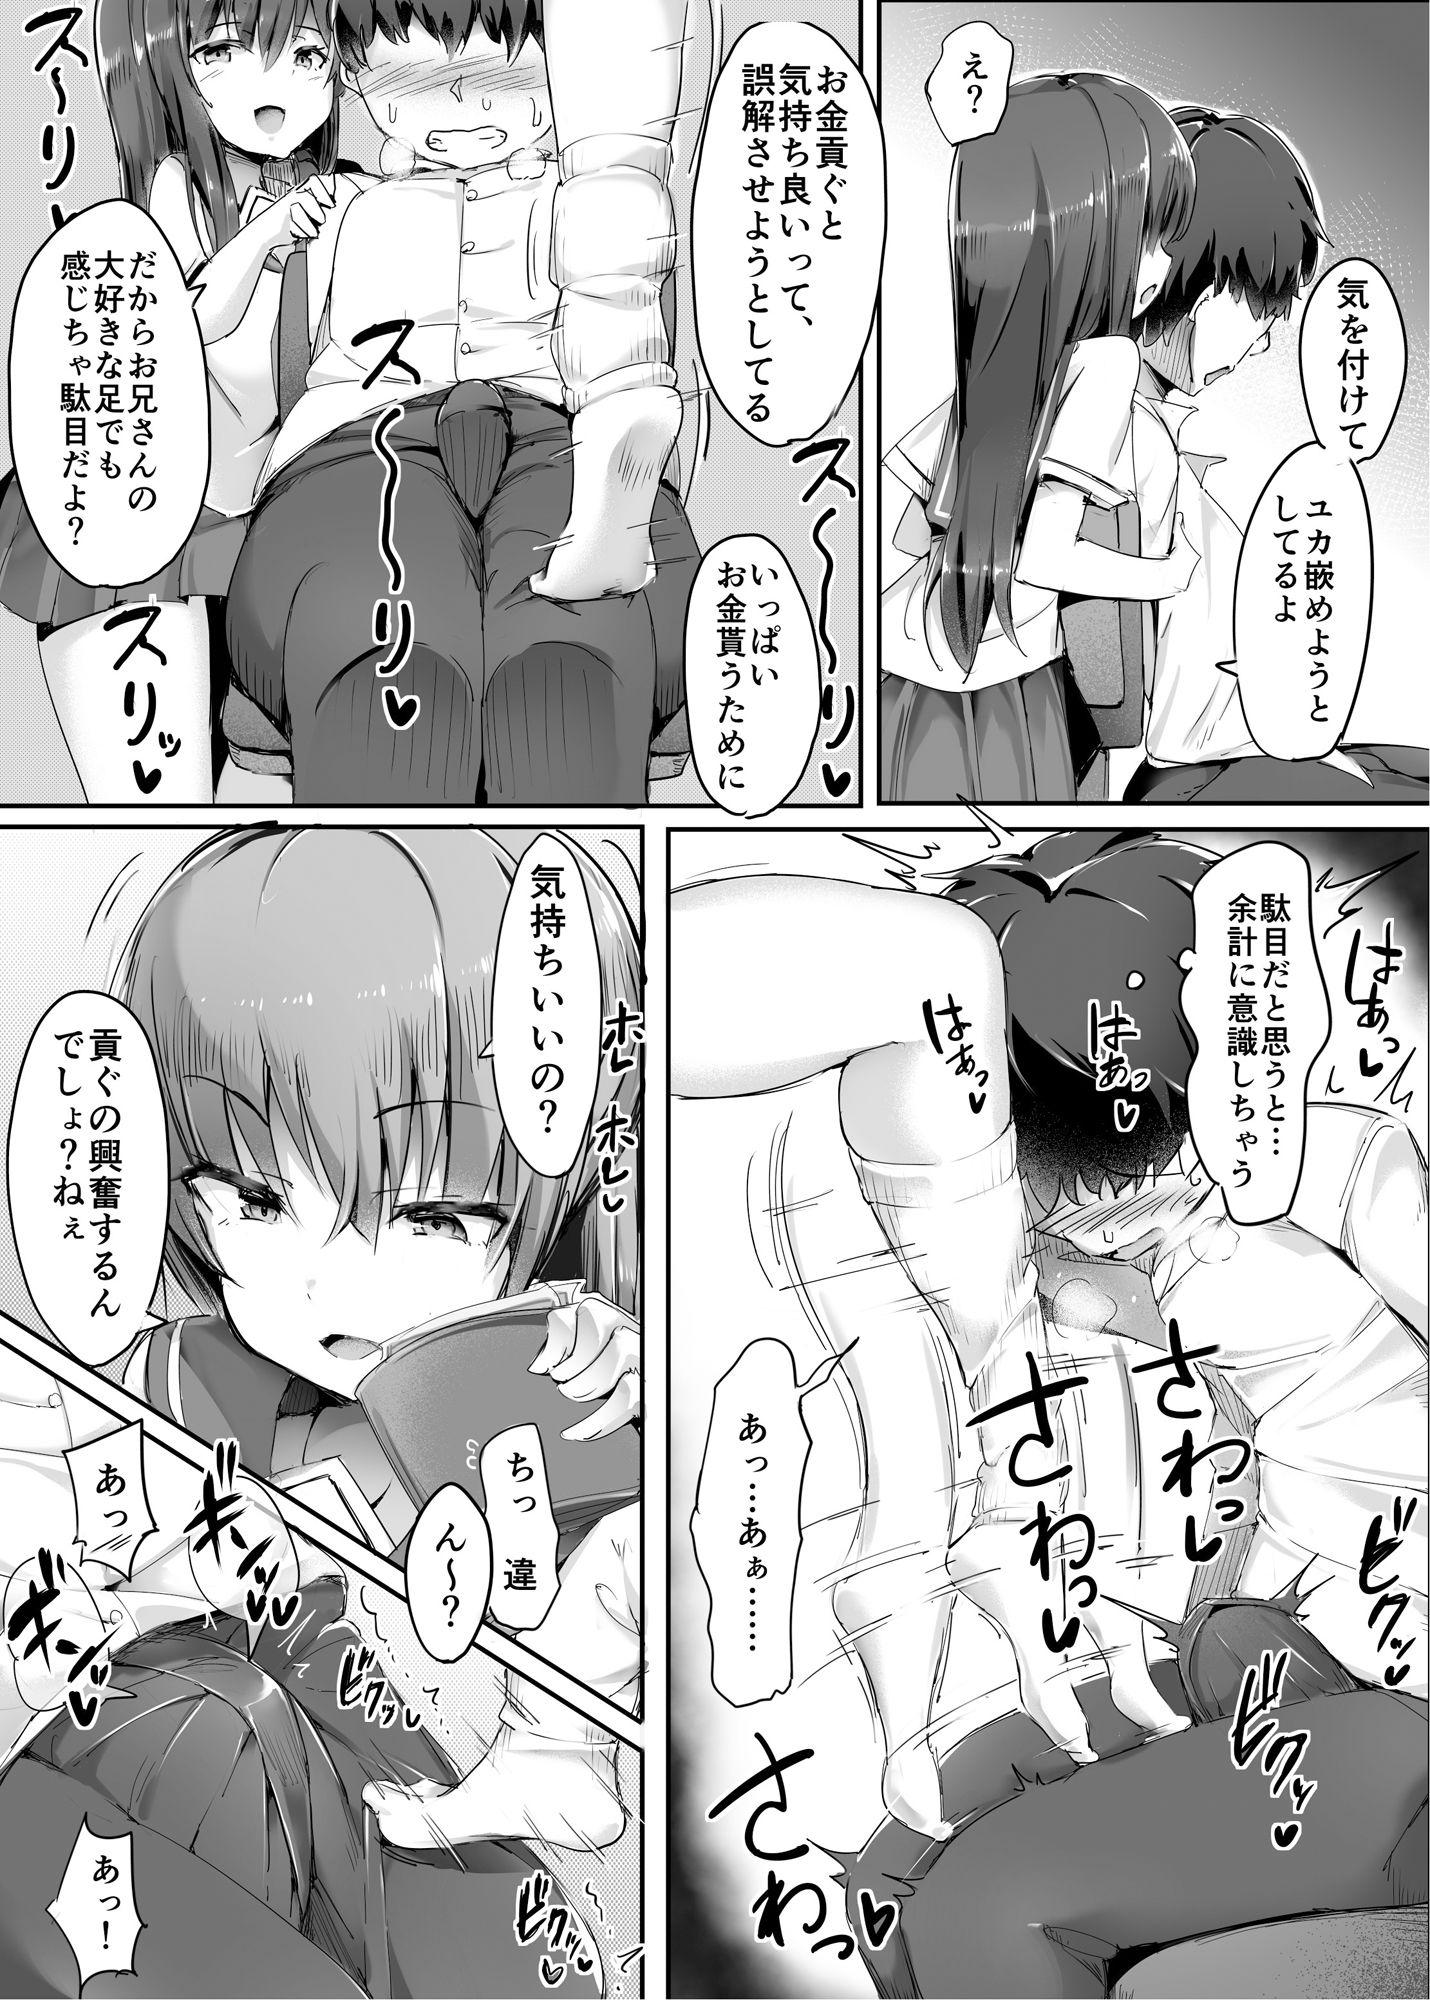 初めての貢ぎマゾ化調教-(2)【作品ネタバレ】